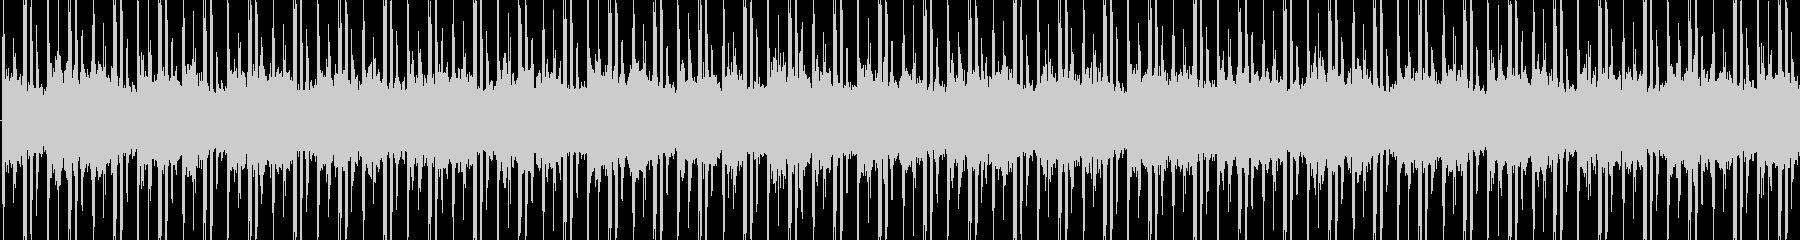 チル/まったり/リラックス/ヒップホップの未再生の波形